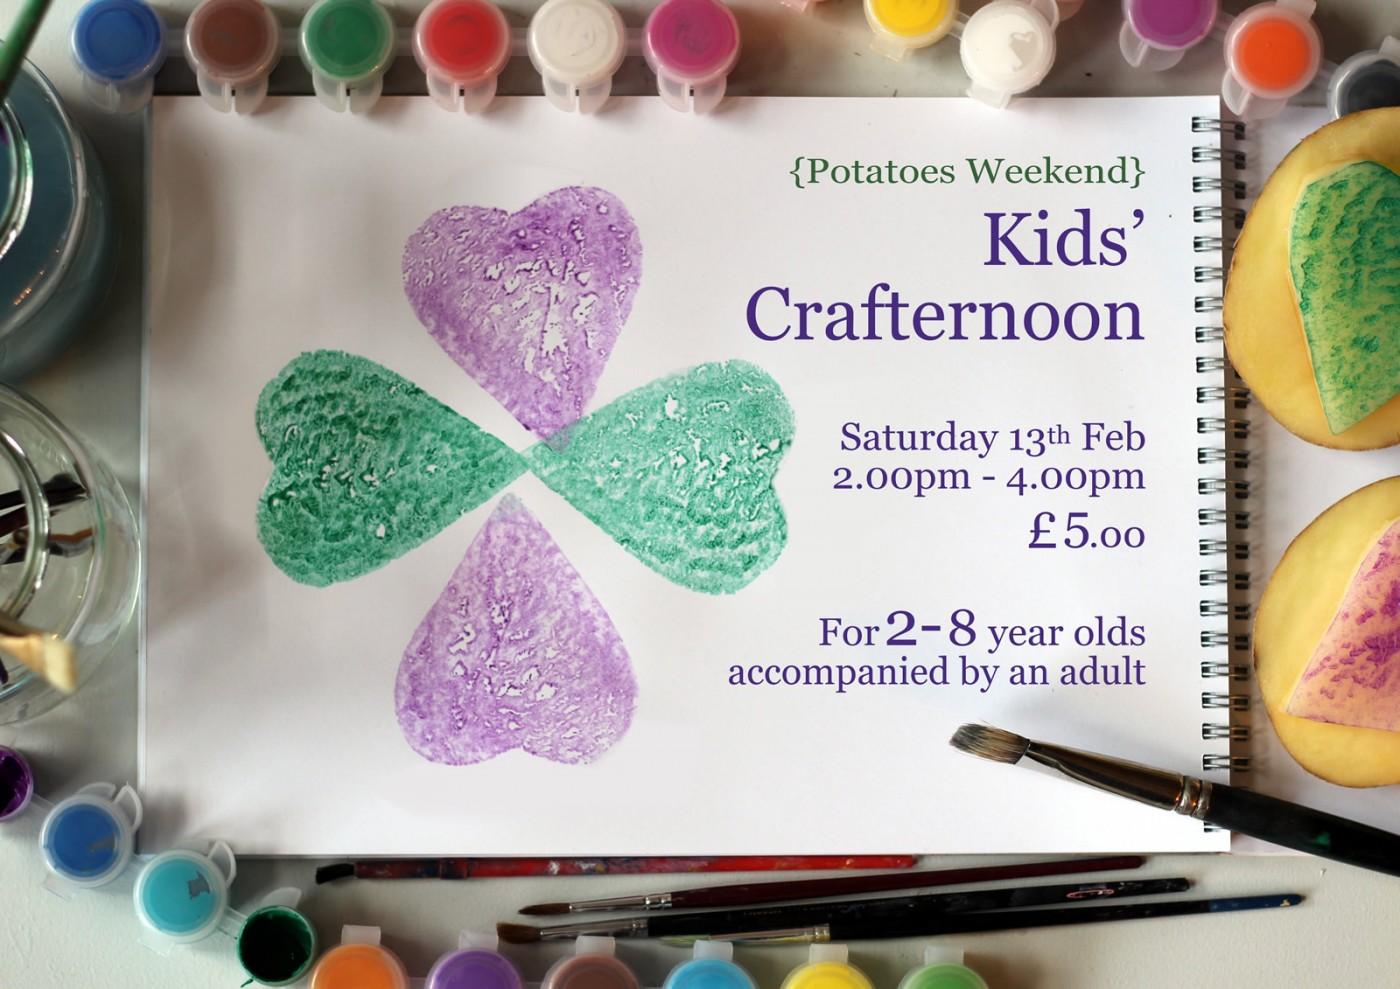 Kids Crafternoon Glendoick Garden Centre